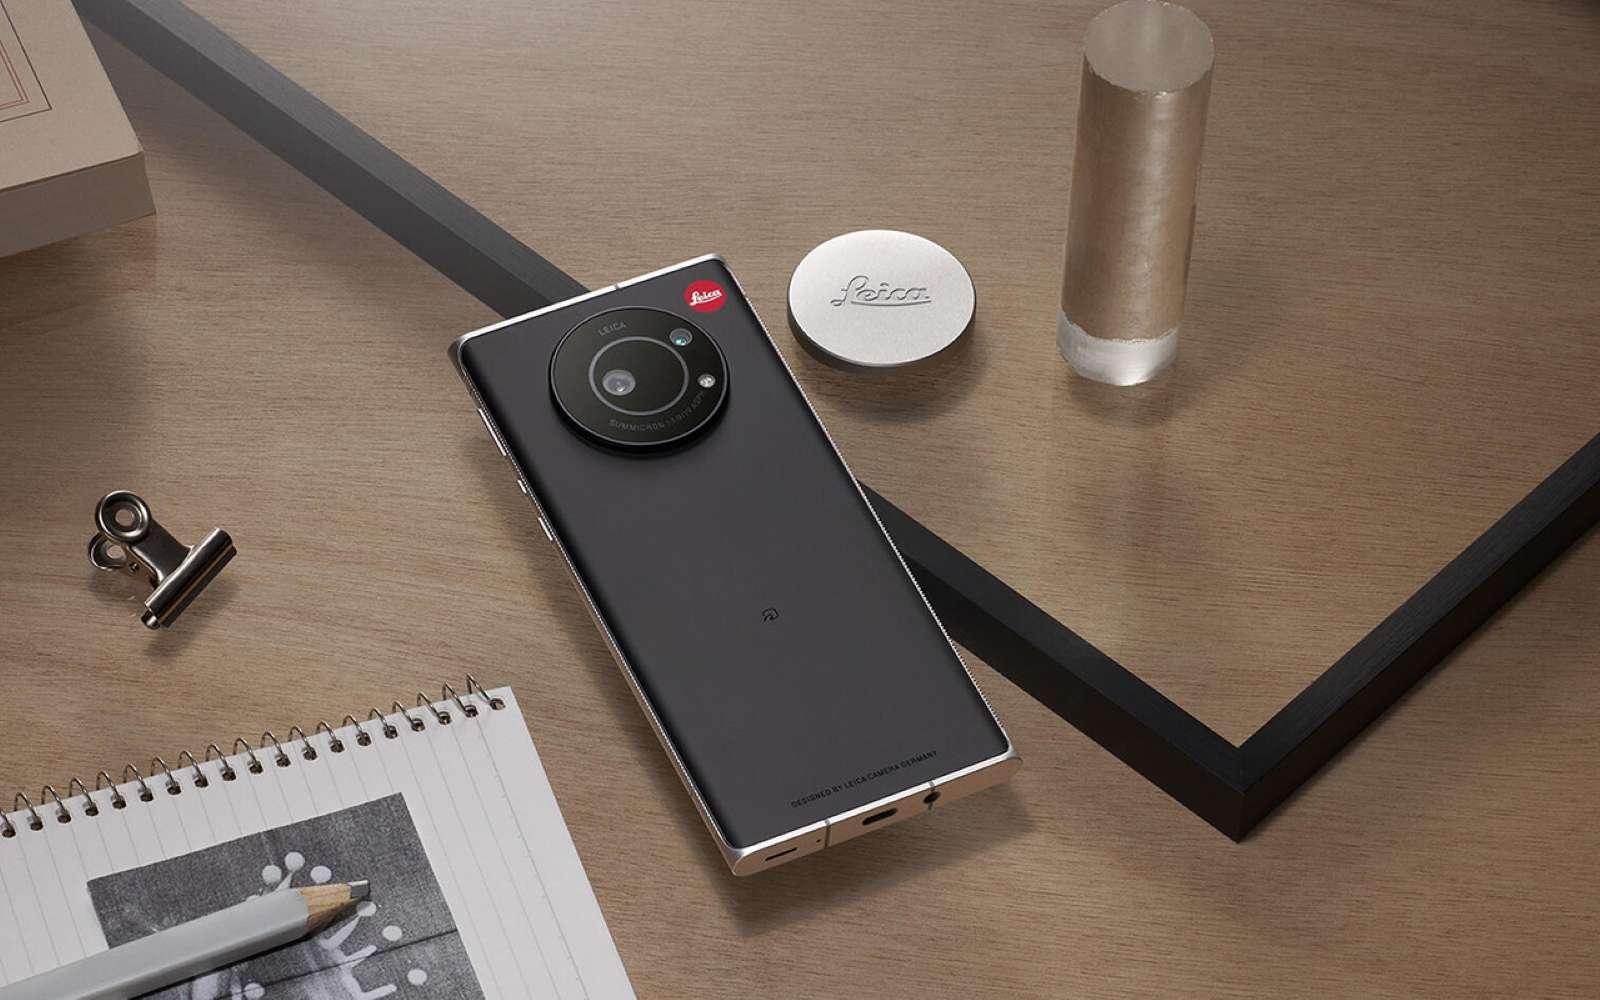 Les codes esthétiques de la marque ont été appliqués à ce smartphone conçu par Sharp à l'origine. © Leica